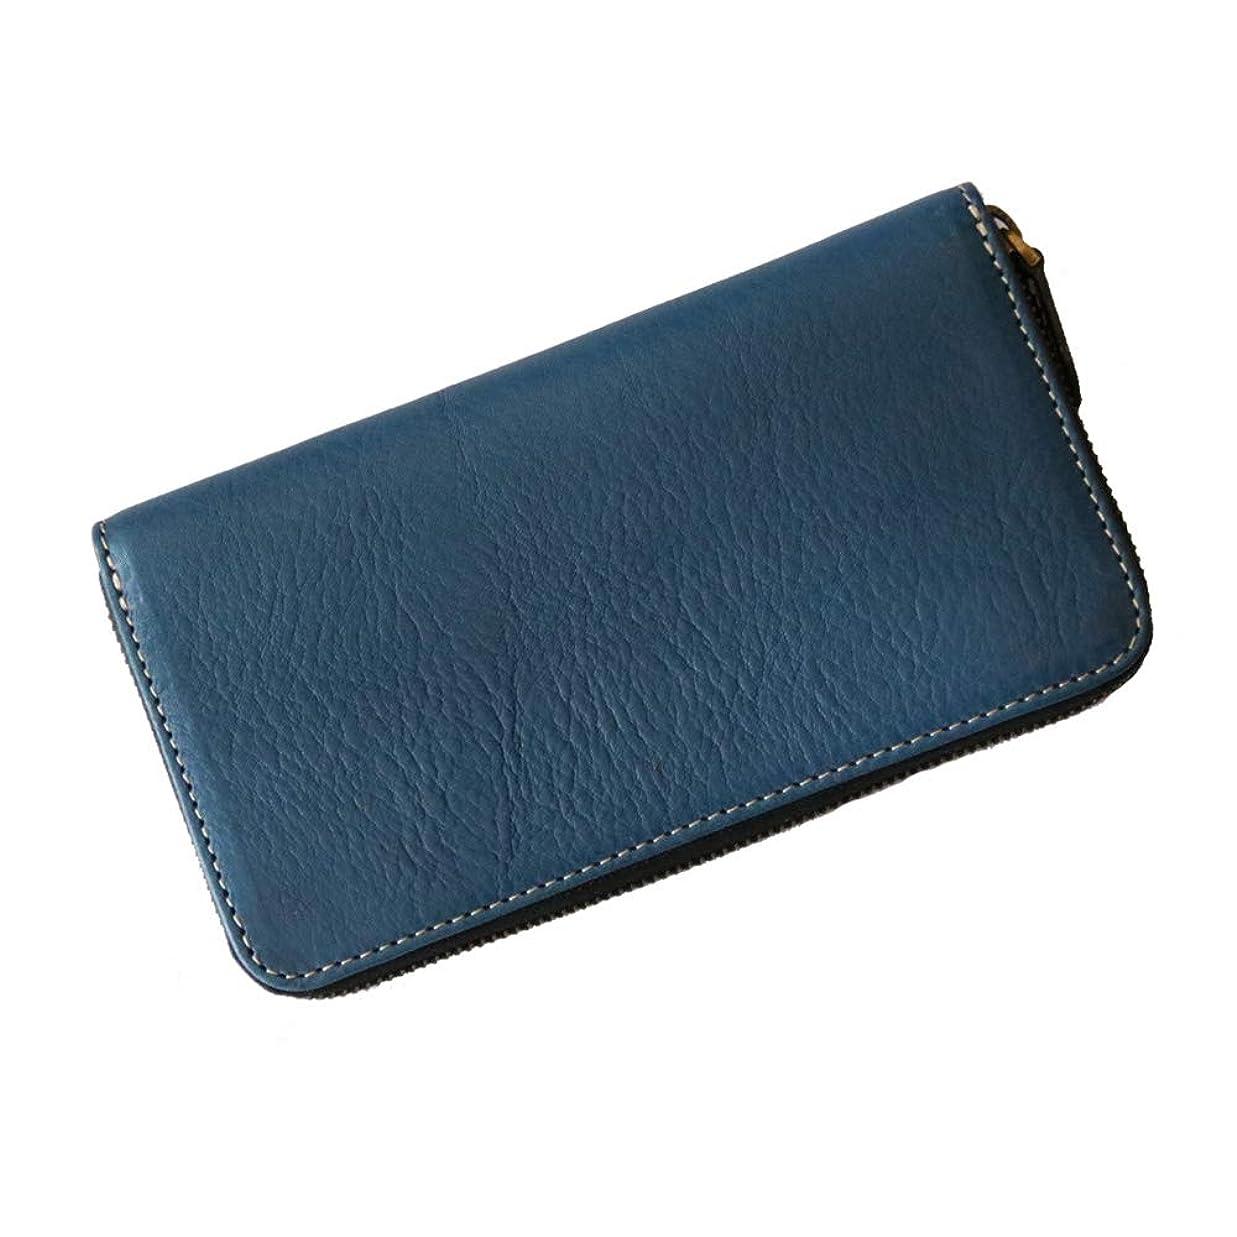 開示する家熱狂的な国産栃木レザーの大容量ラウンドファスナー財布 (ブルー)